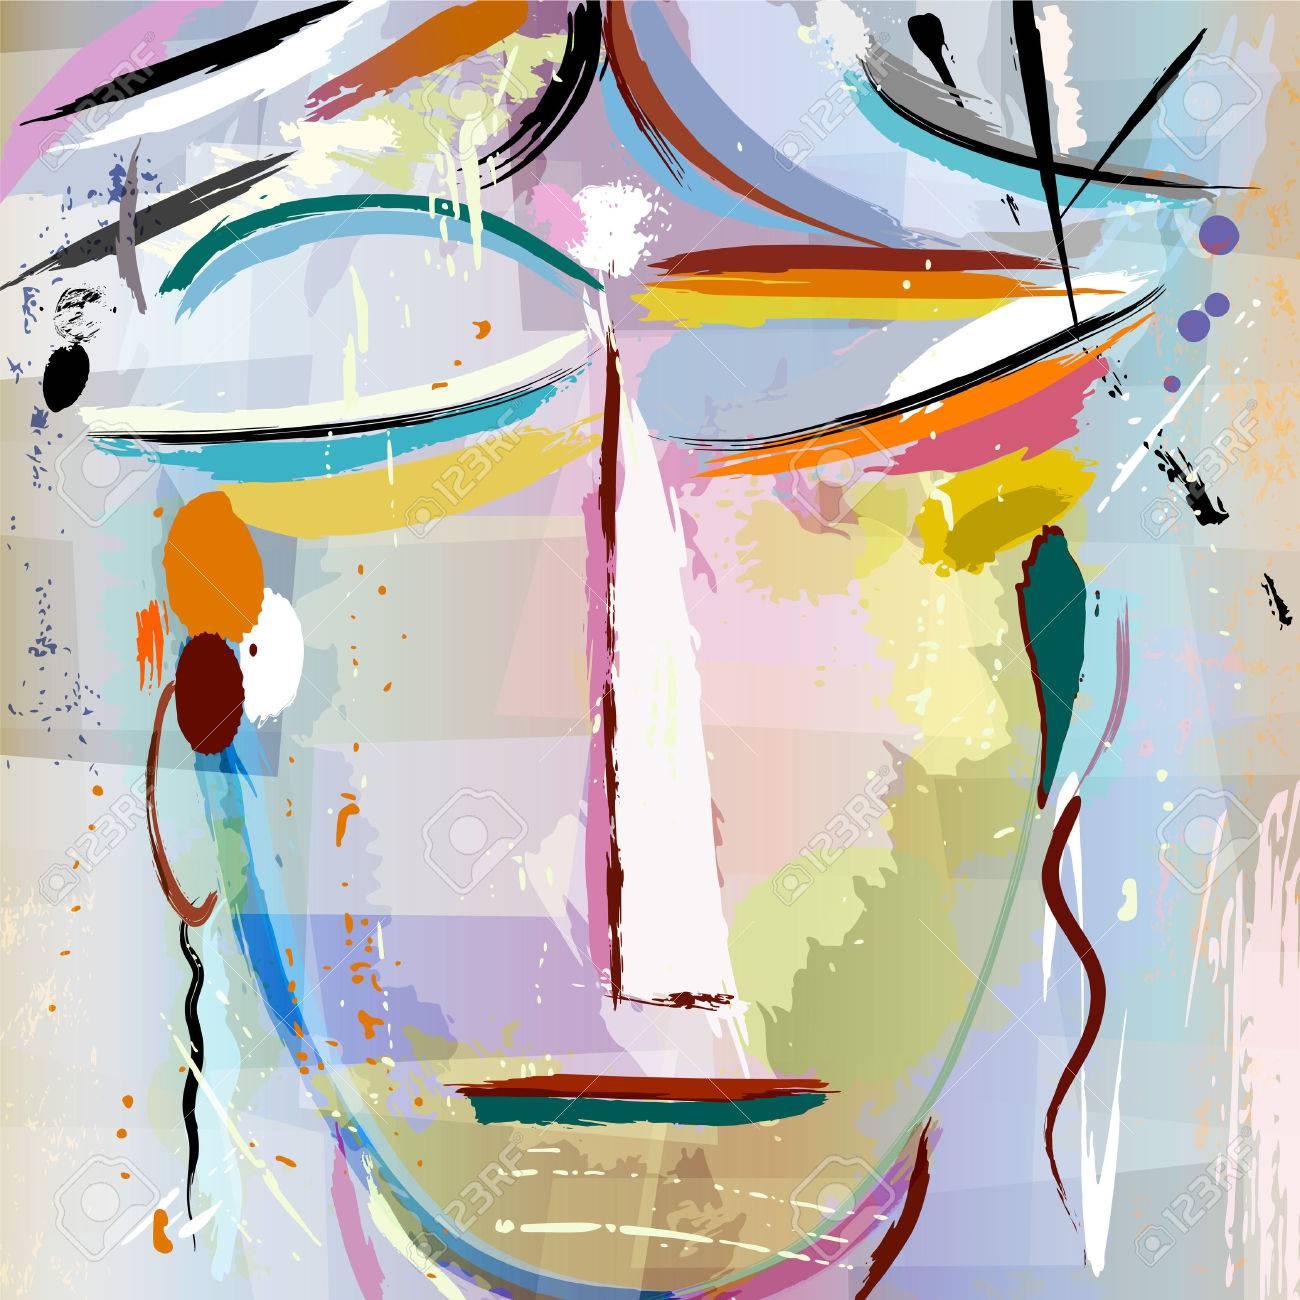 Visage Abstraite D'une Femme, Avec Des Coups